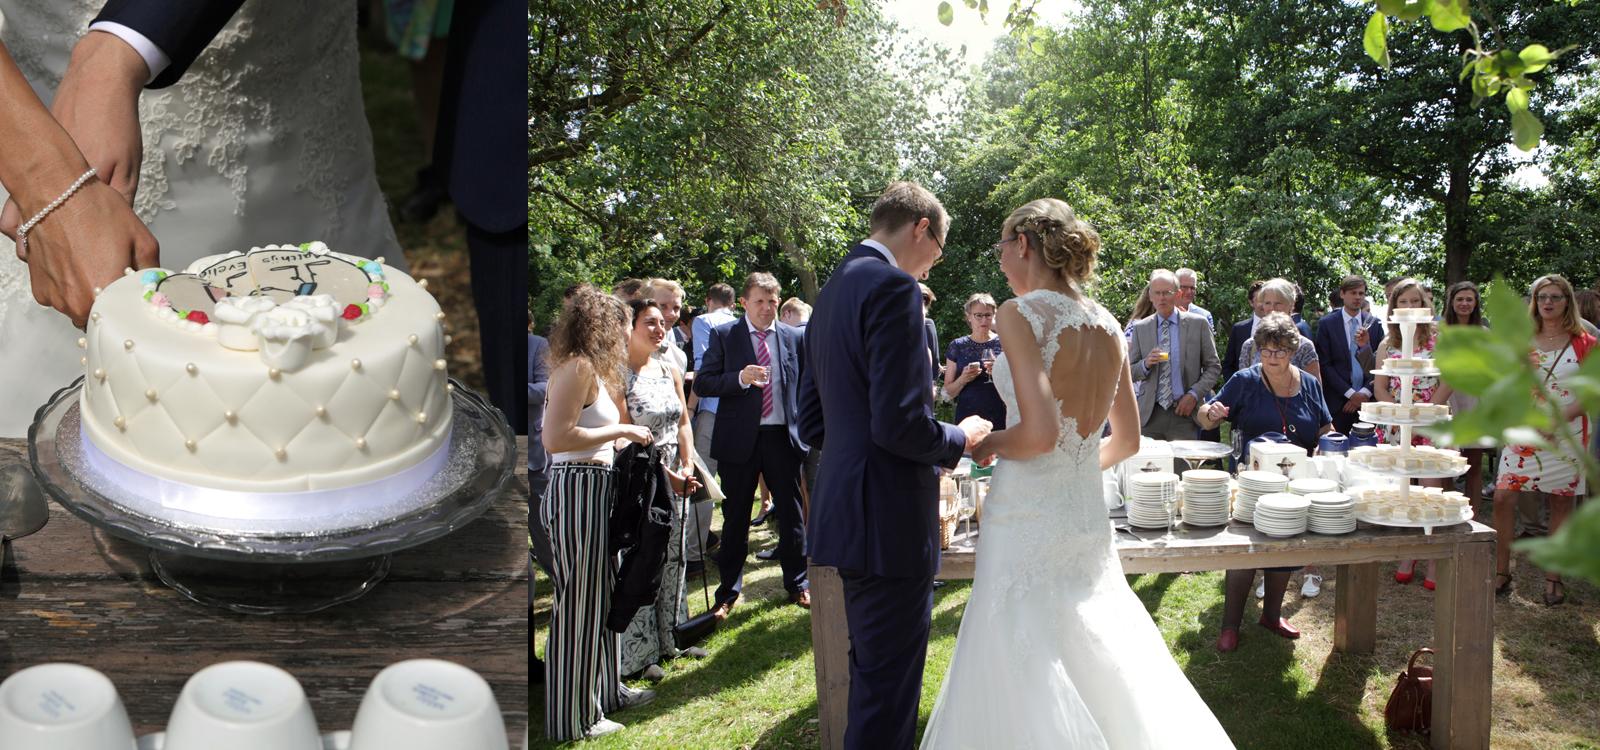 Spontane trouwfotografie. Leuk moment van de bruidstaart die wordt aangesneden.